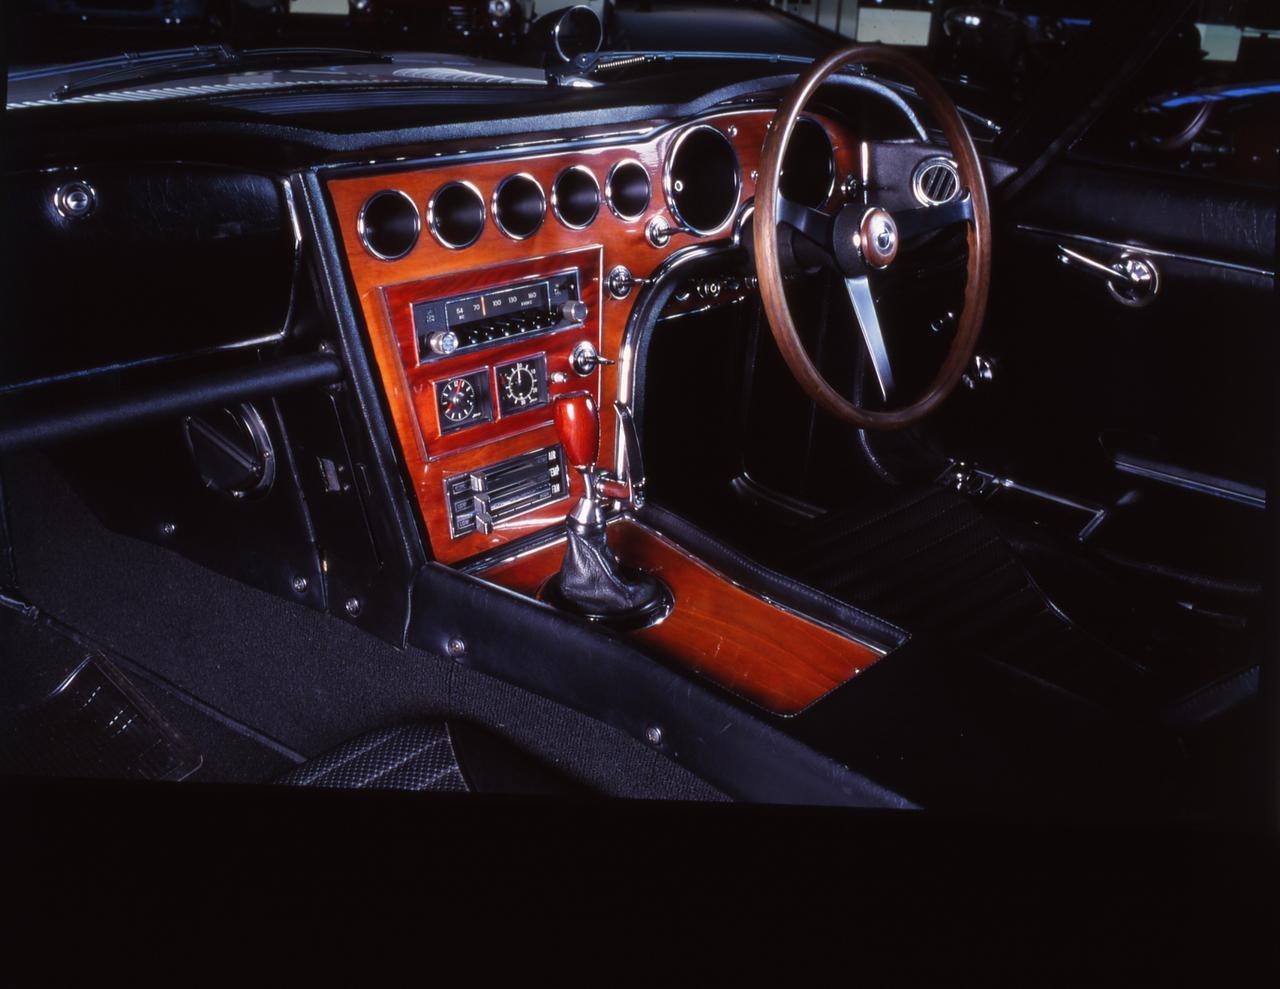 Images : 3番目の画像 - 「【今日は何の日?】トヨタ2000GT発売 「世界中を驚かせたジャパニーズスーパーカー」52年前 1967年5月16日」のアルバム - Webモーターマガジン